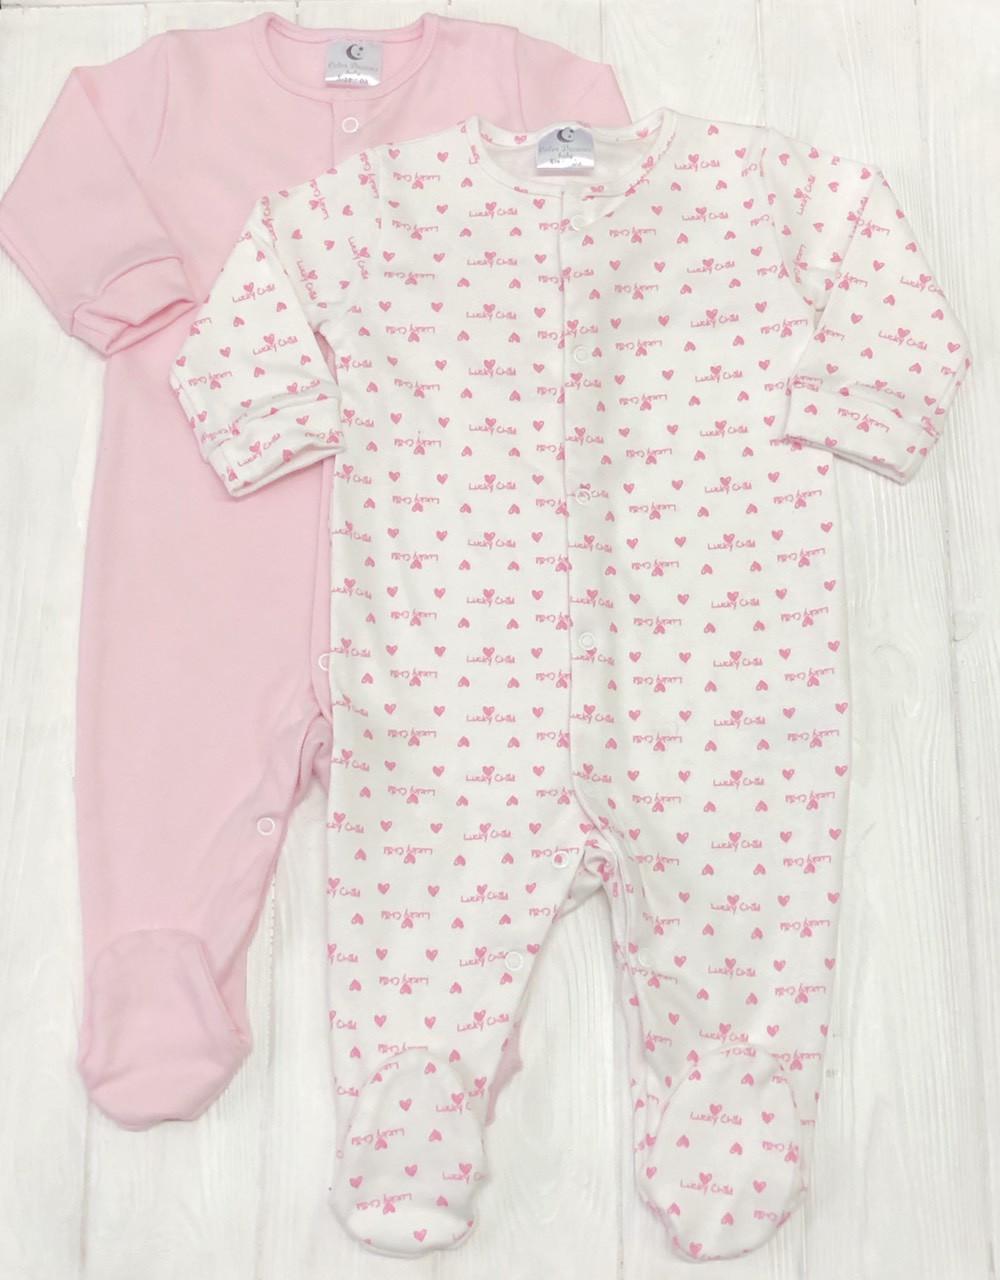 Детский комплект из 2 единиц для девочки Человечков,слипов Сердечки розовые +розовый